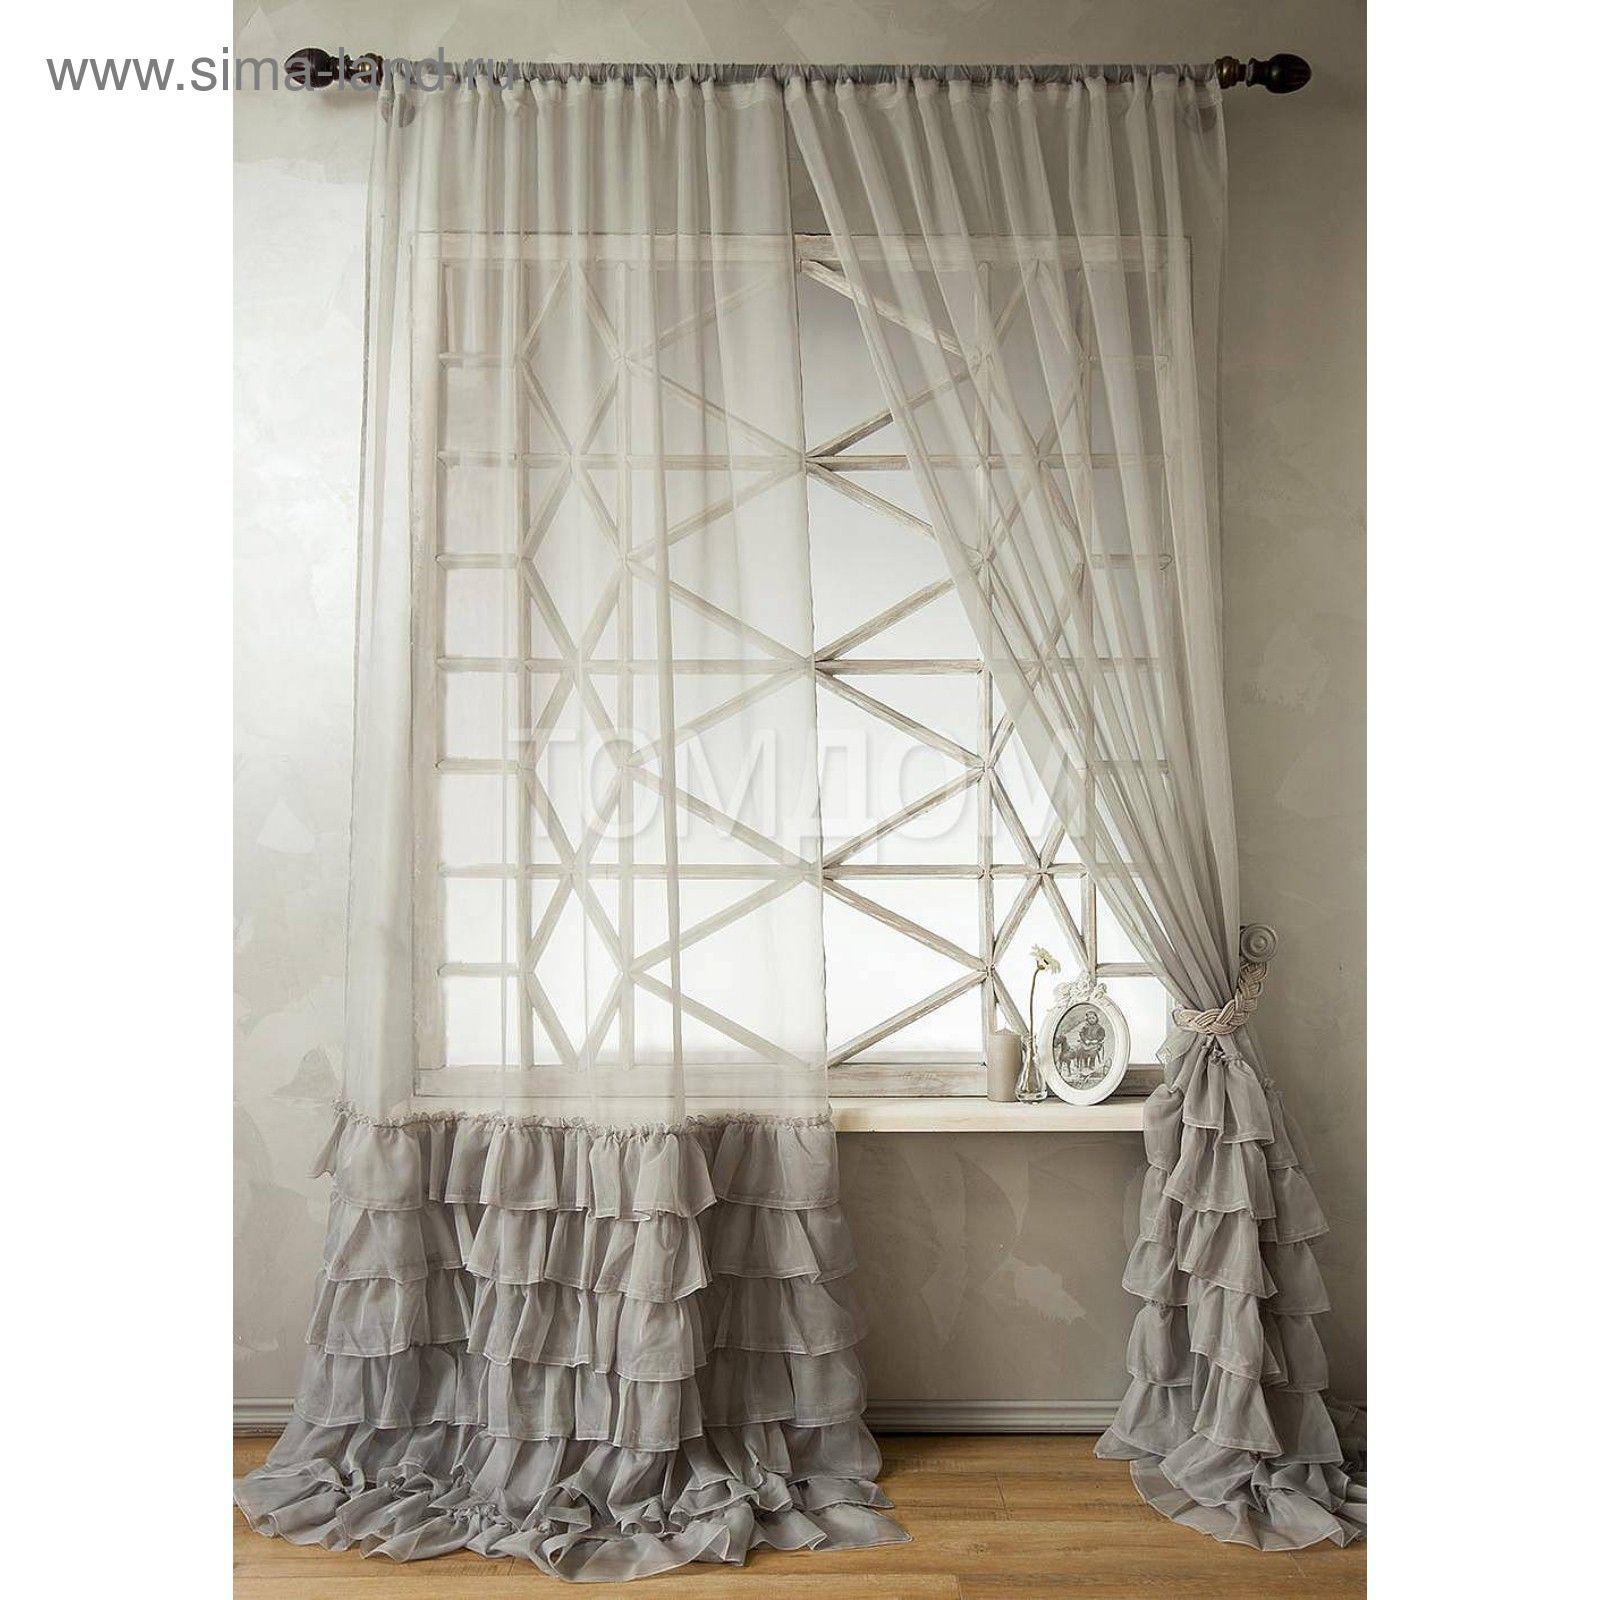 4f51a029552f0 Тюль «Фрезия», цвет серый, размер 140 х 270 см (2 шт.), вуаль ...